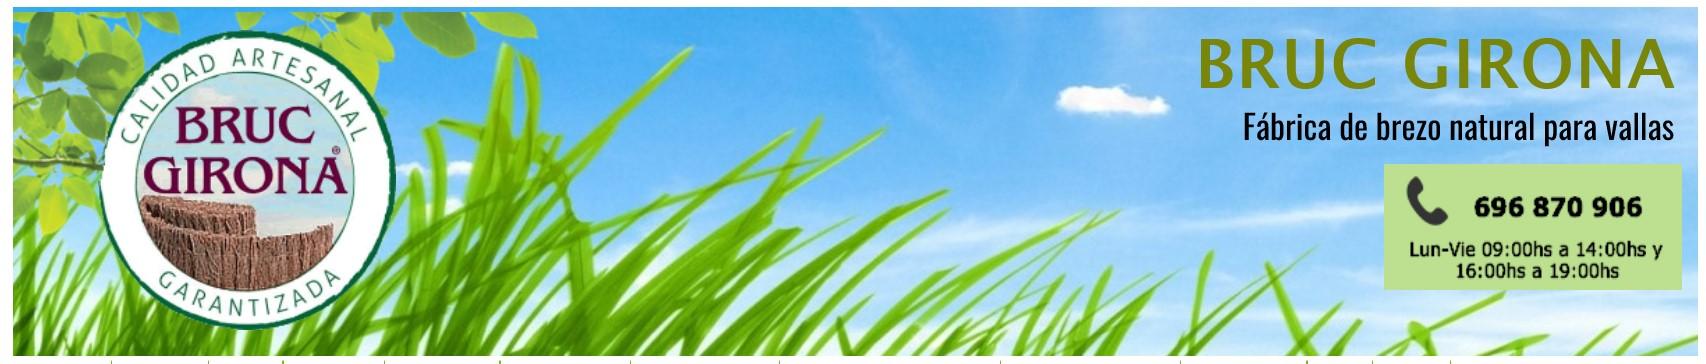 El blog de Bruc Girona. Artículos, usos del brezo y seto, consejos de jardinería, guia de instalación y montaje de seto y brezo, etc